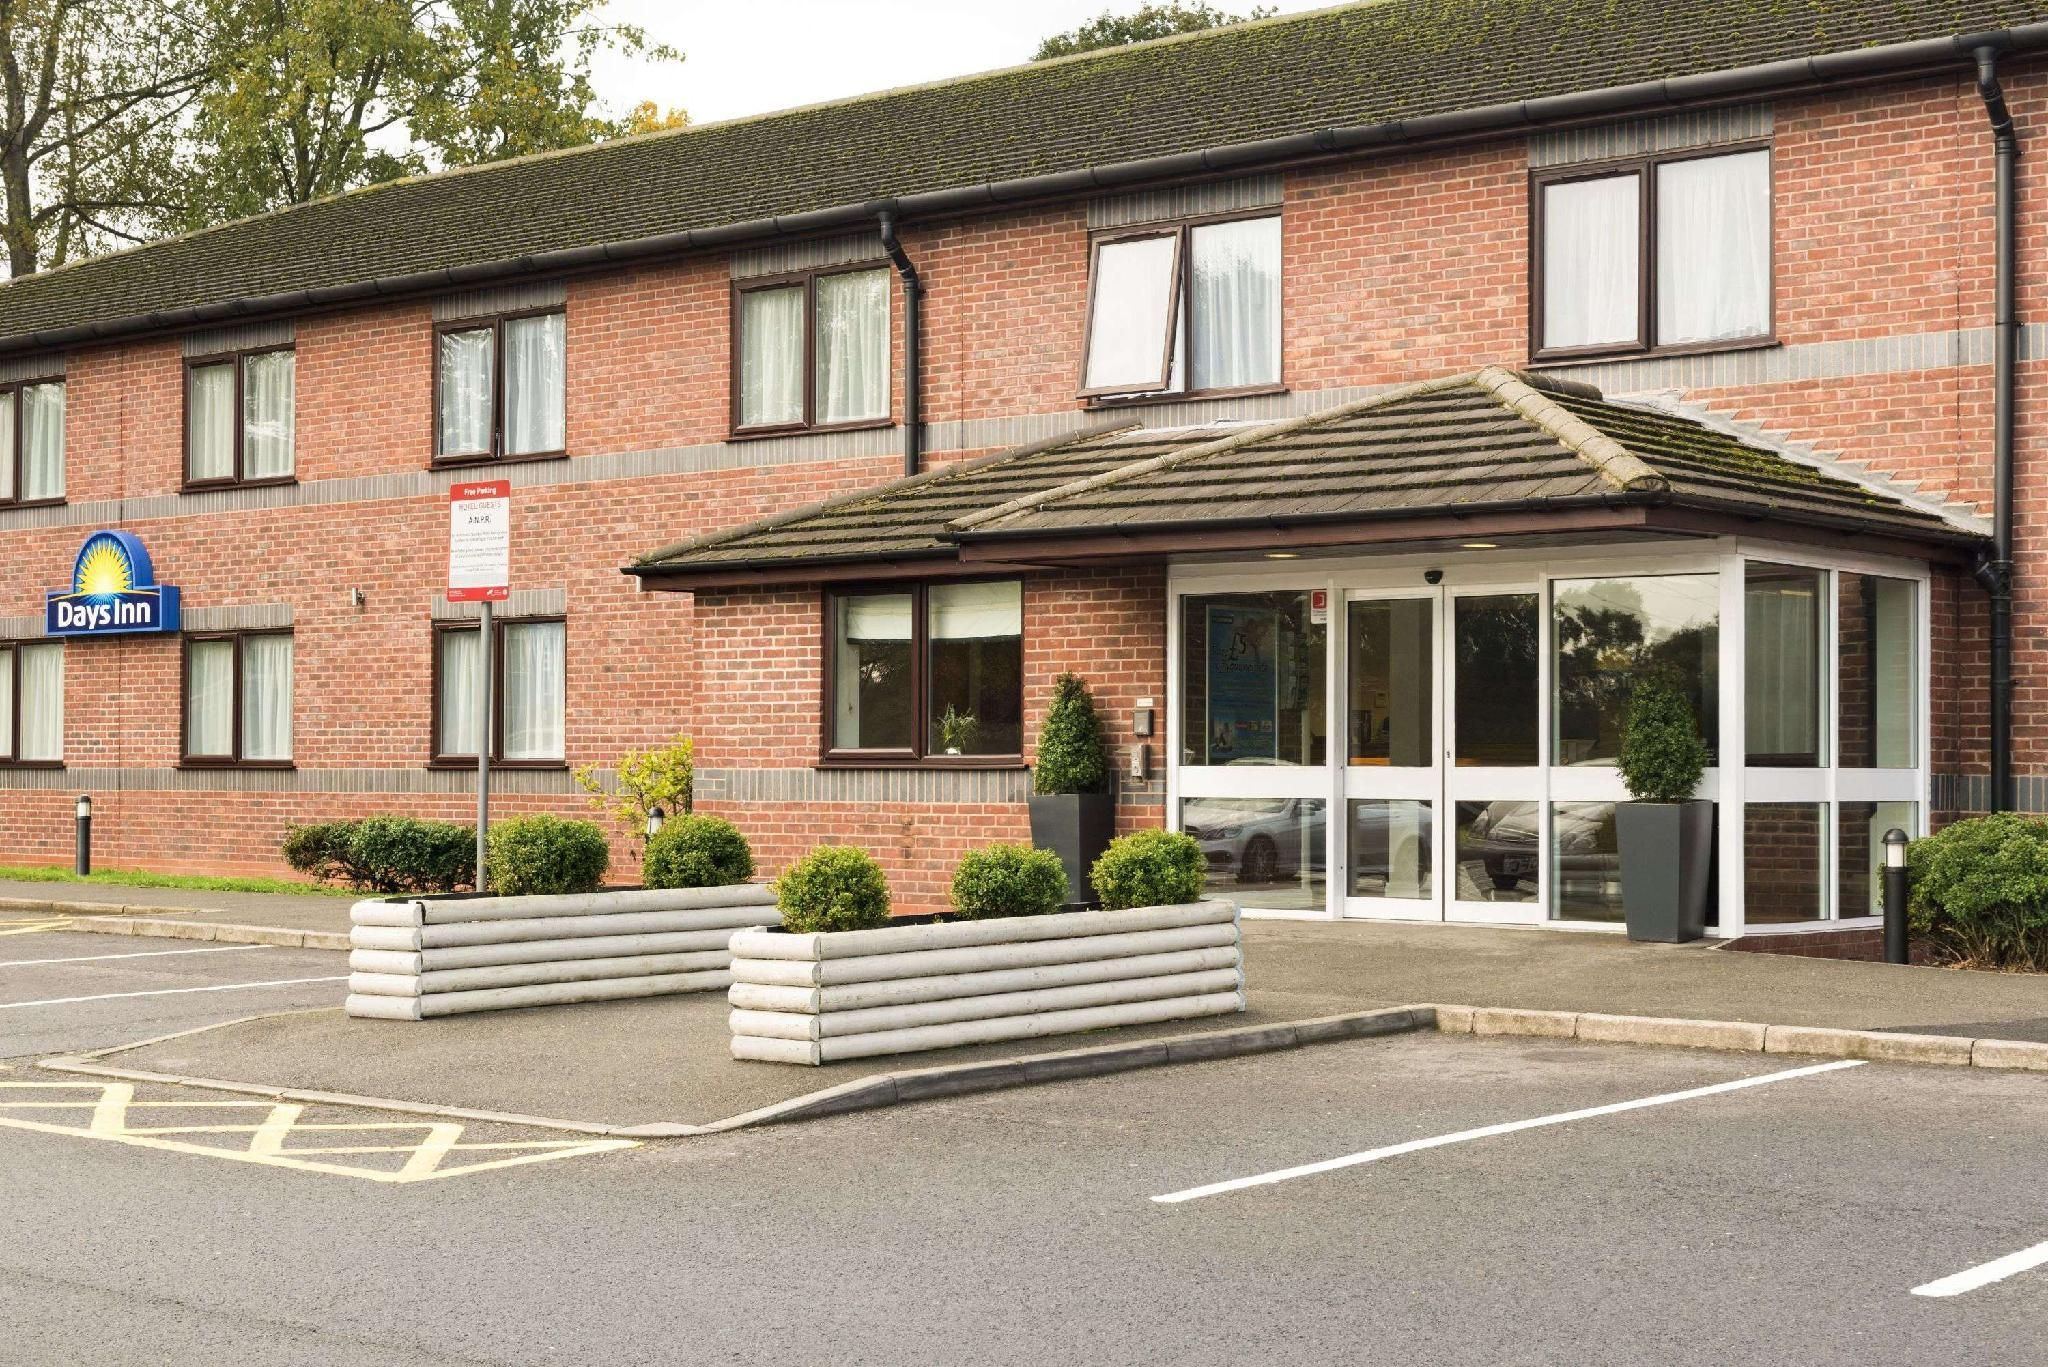 Days Inn Corley, Warwickshire